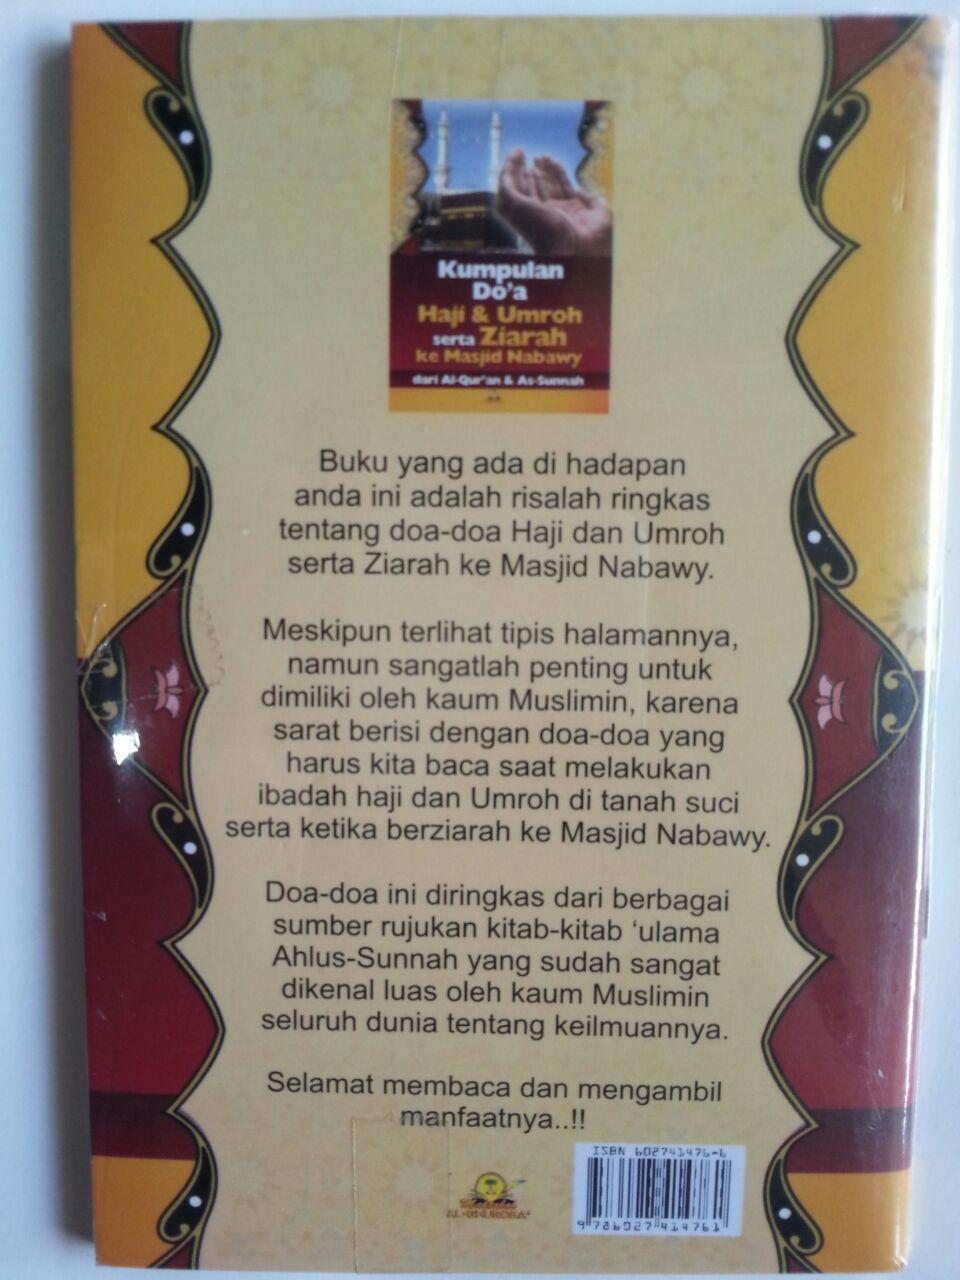 Buku Bimbingan Lengkap Haji Dan Umroh Ziarah Masjid Nabawy cover 2